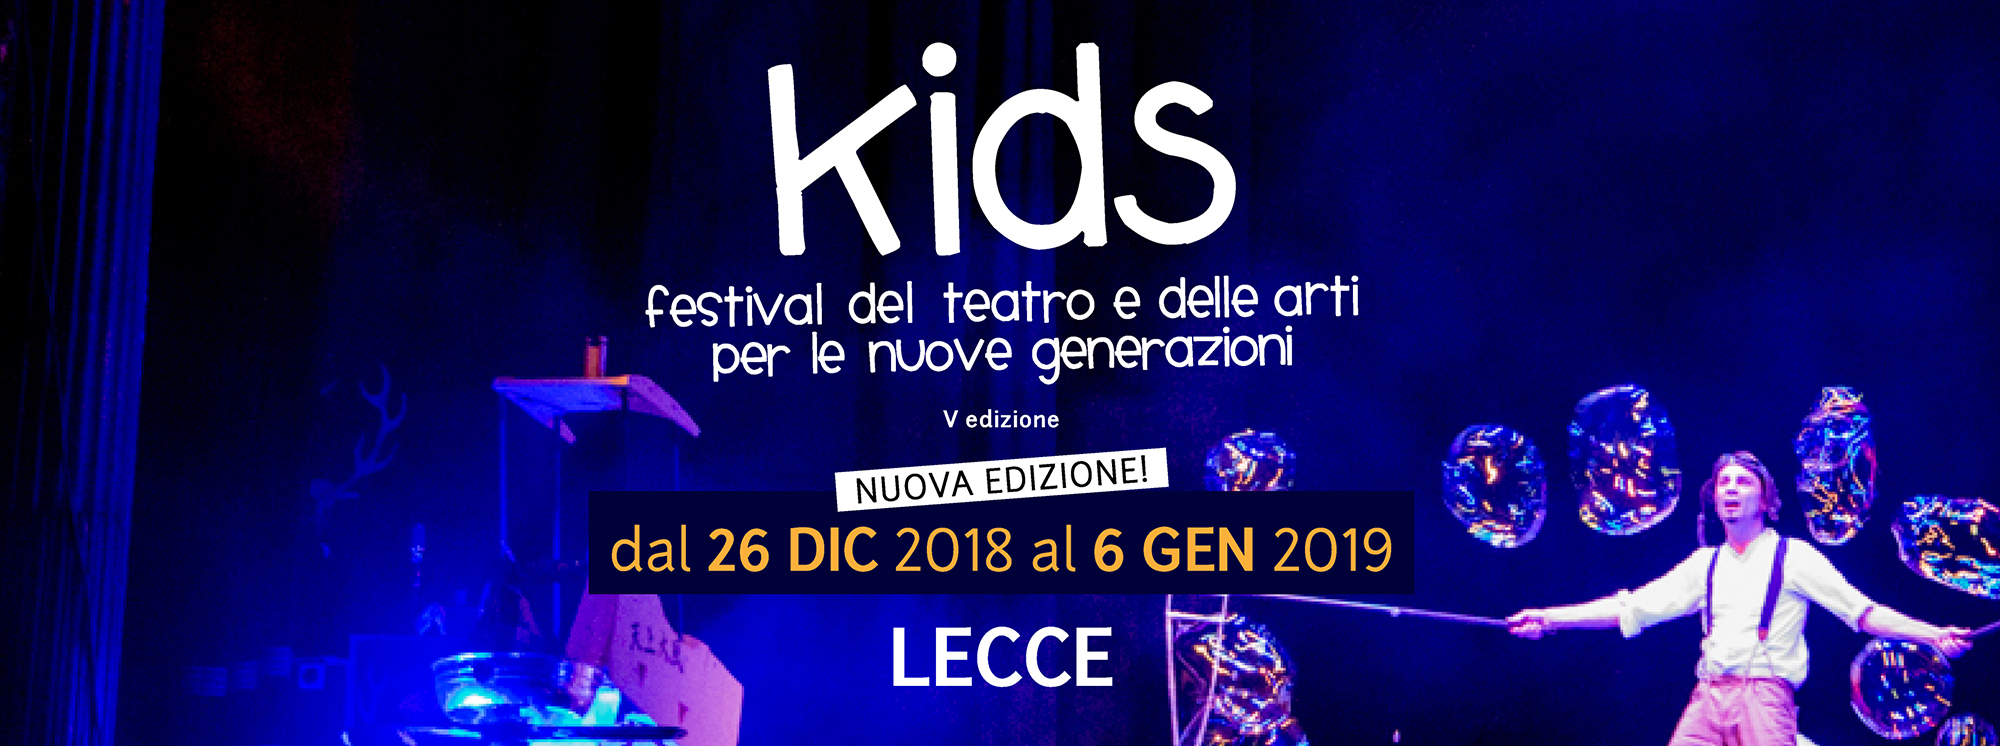 Lecce: Kids. Festival del teatro e delle arti per le nuove generazioni